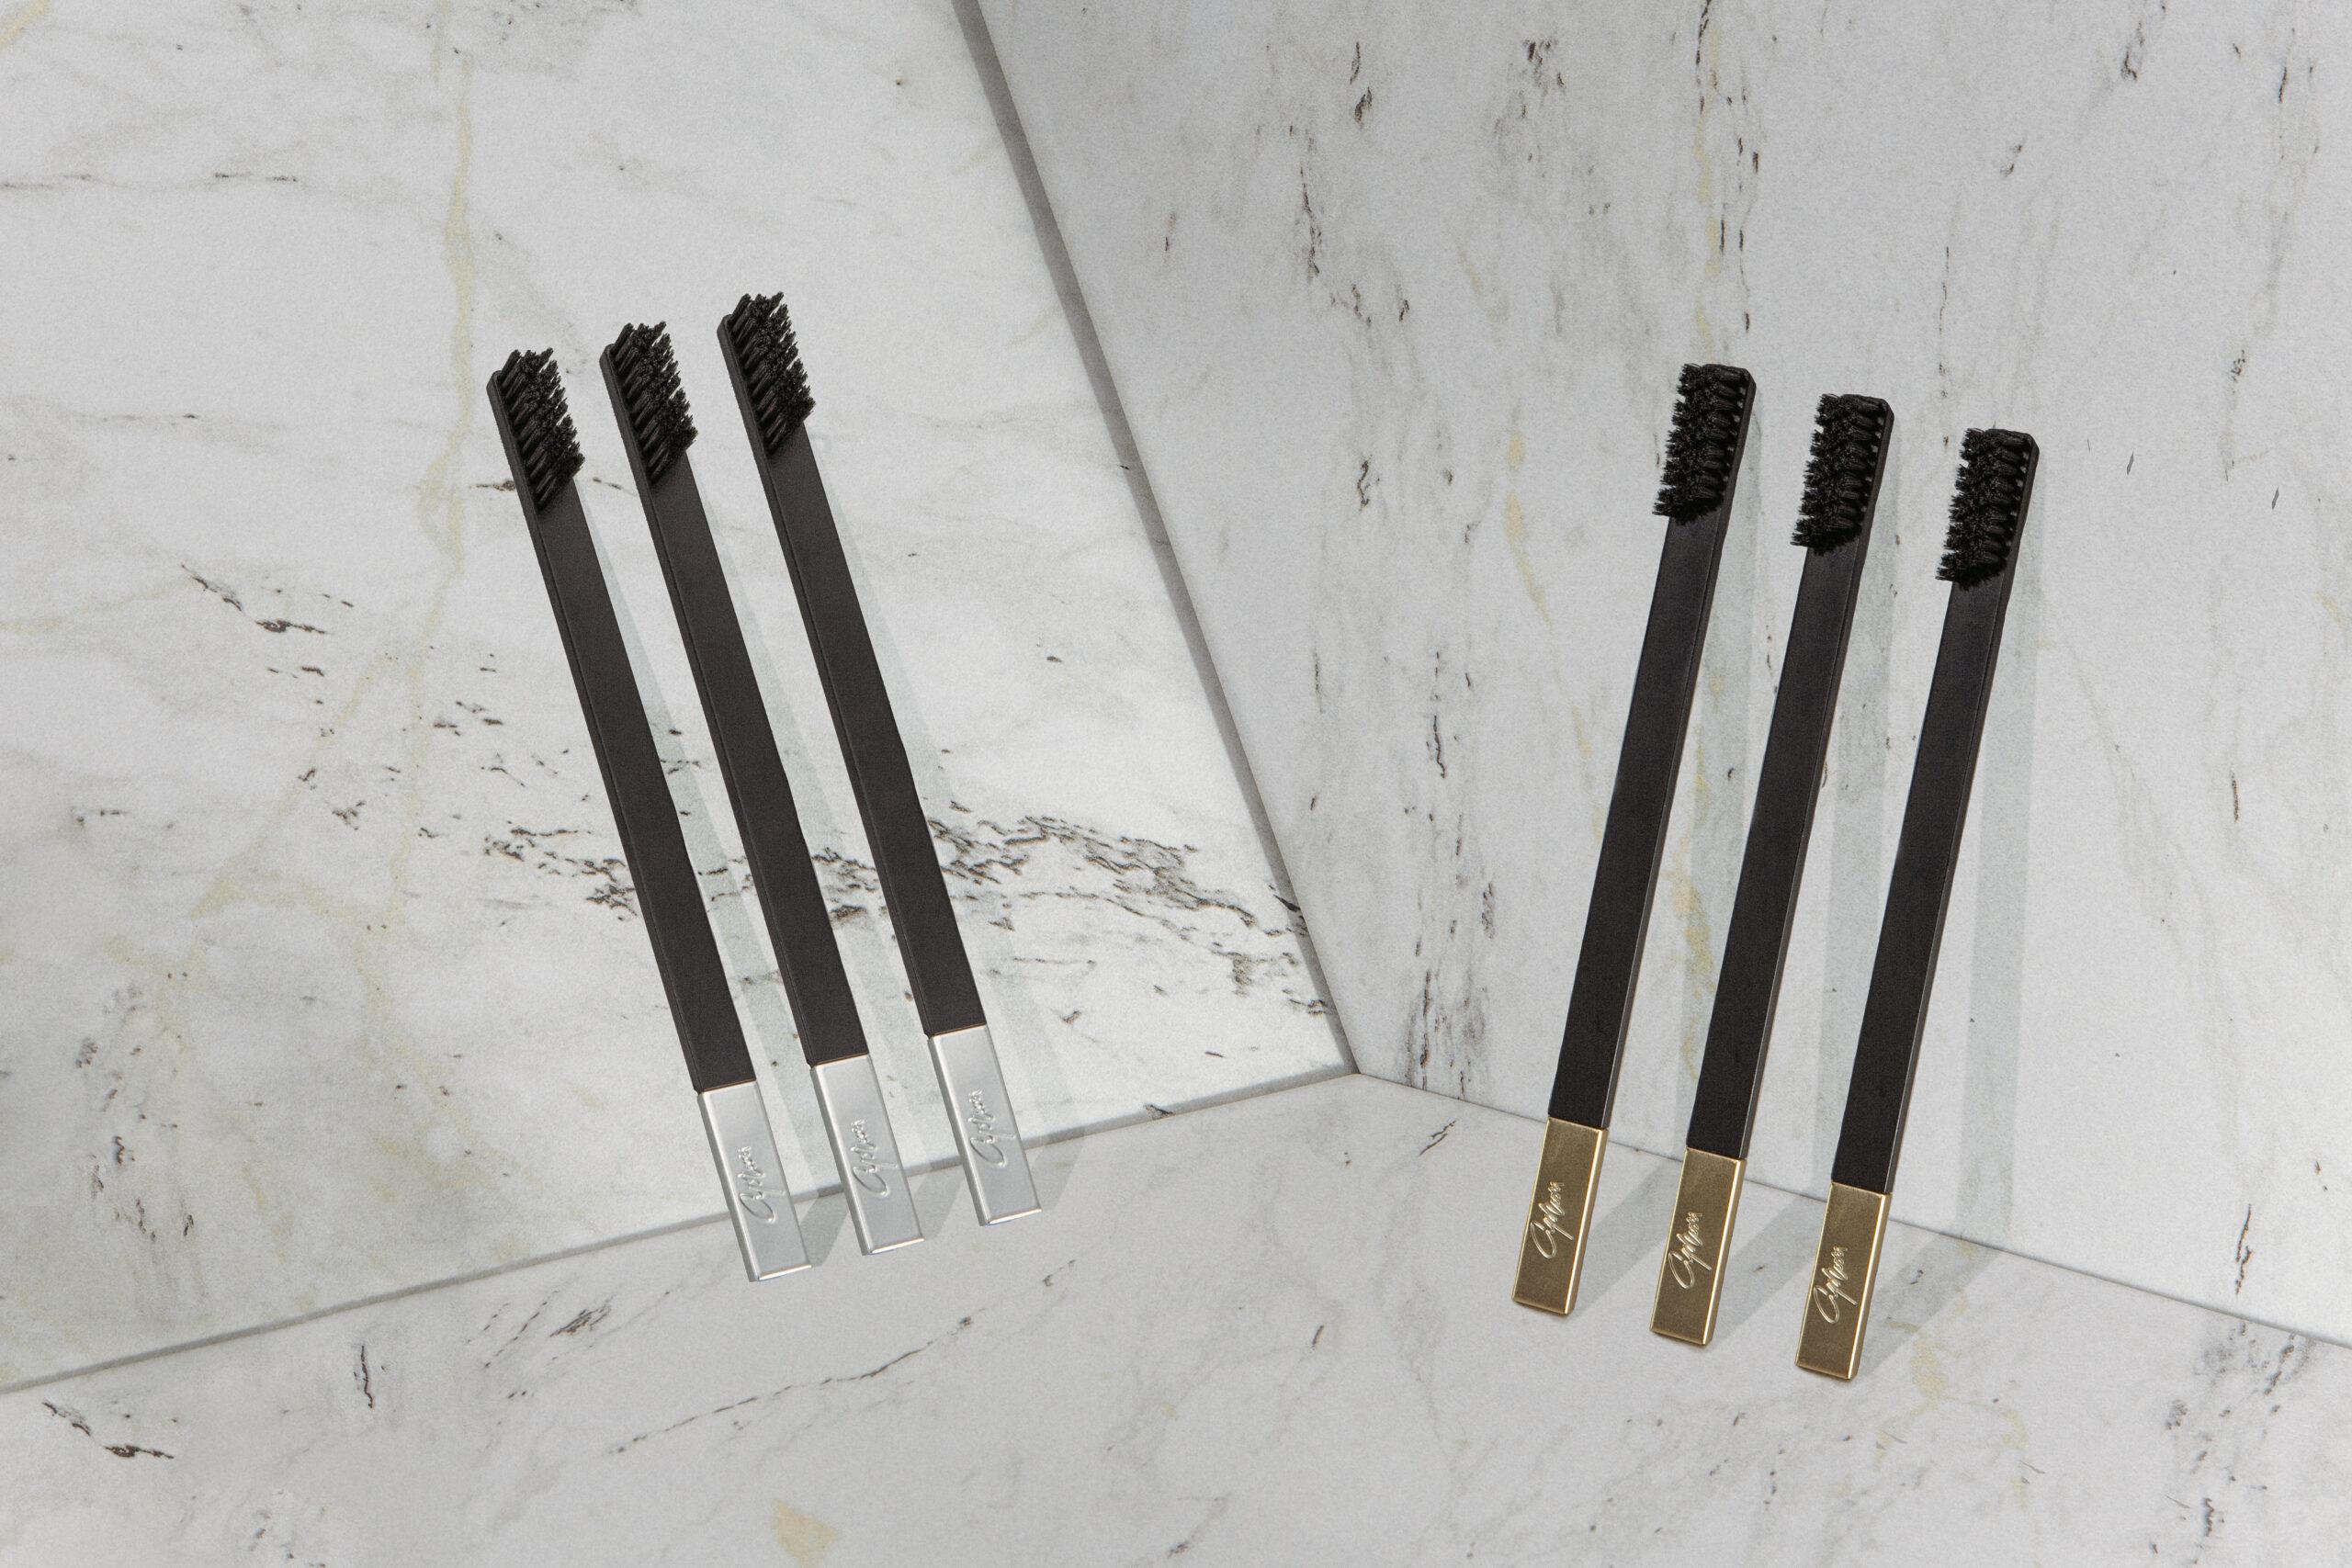 Дизайнерские зубные щетки slim by apriori - зубная щетка как бьюти-аксессуар